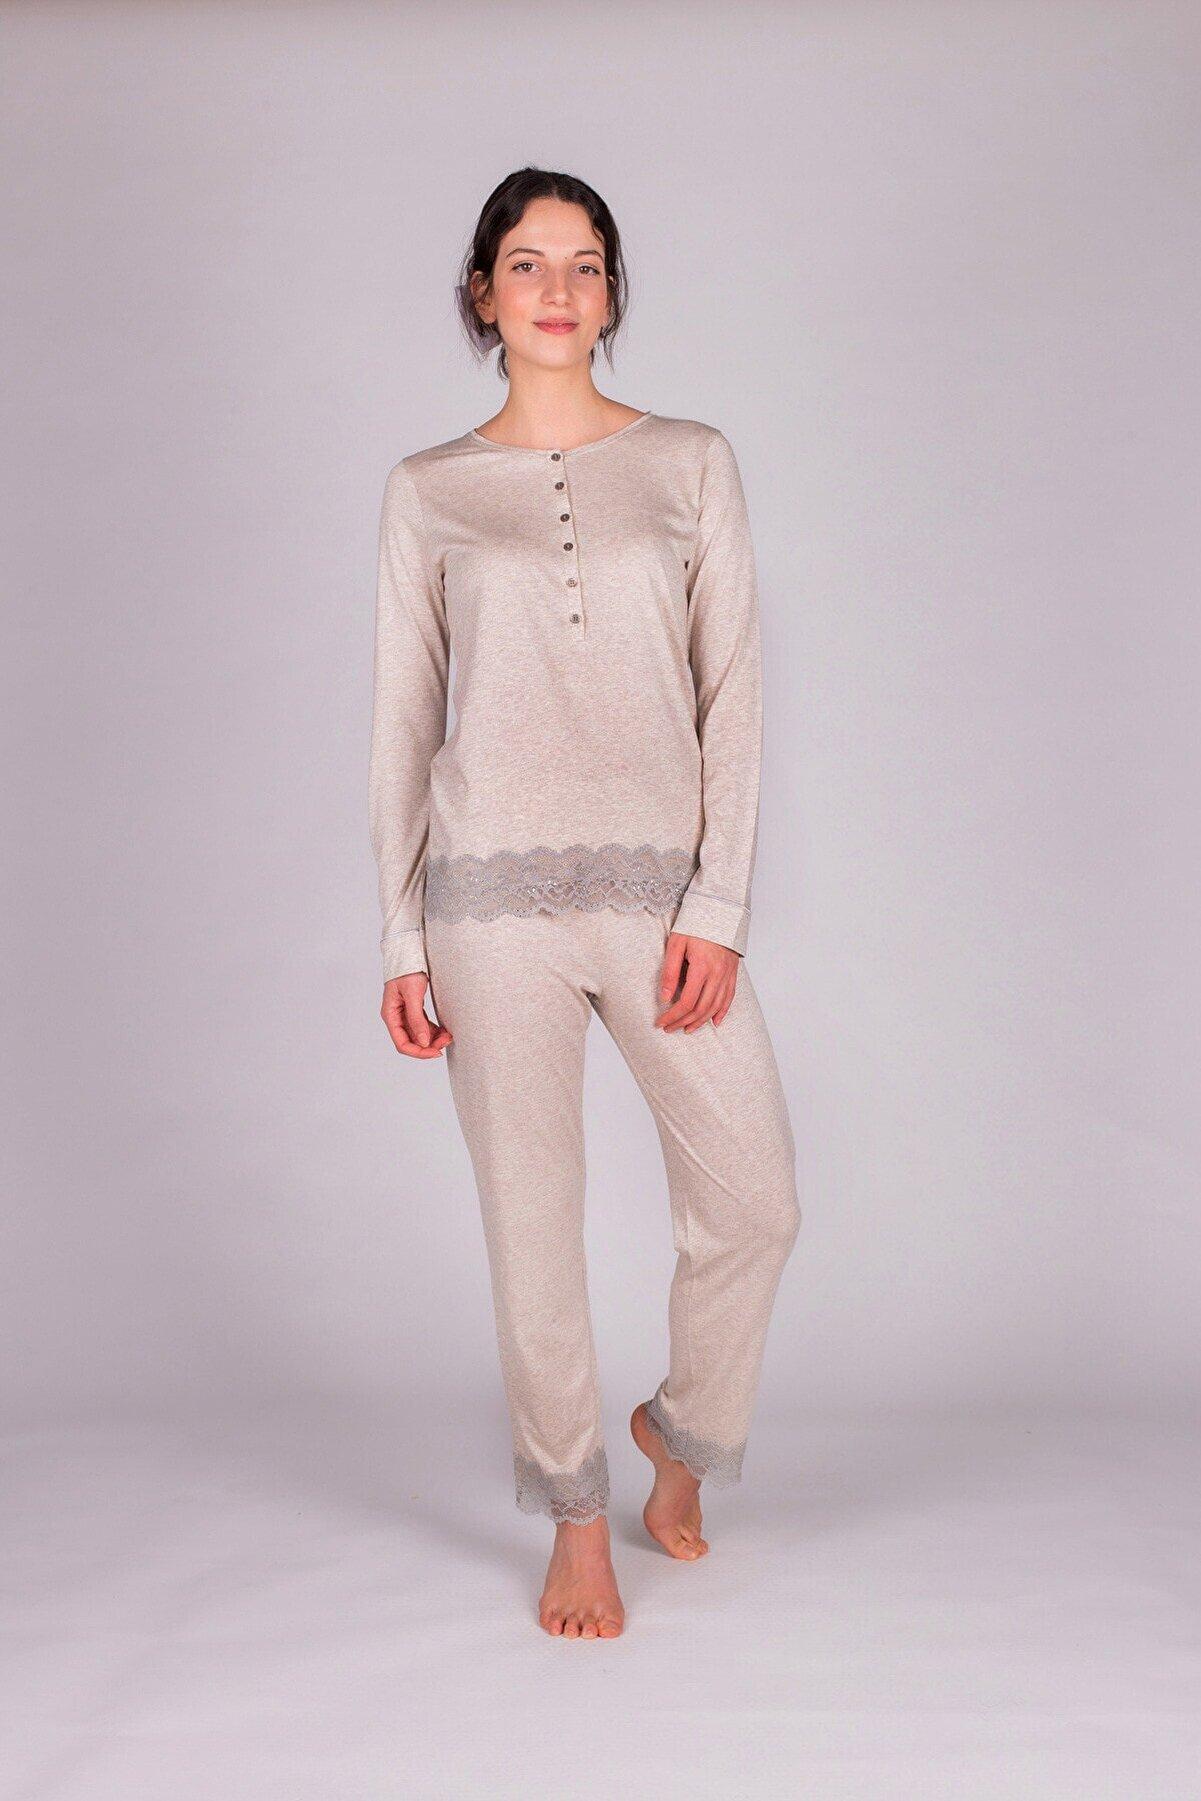 Hays Kadın Bej Melanj Modal Dantel Detaylı Pijama Takımı